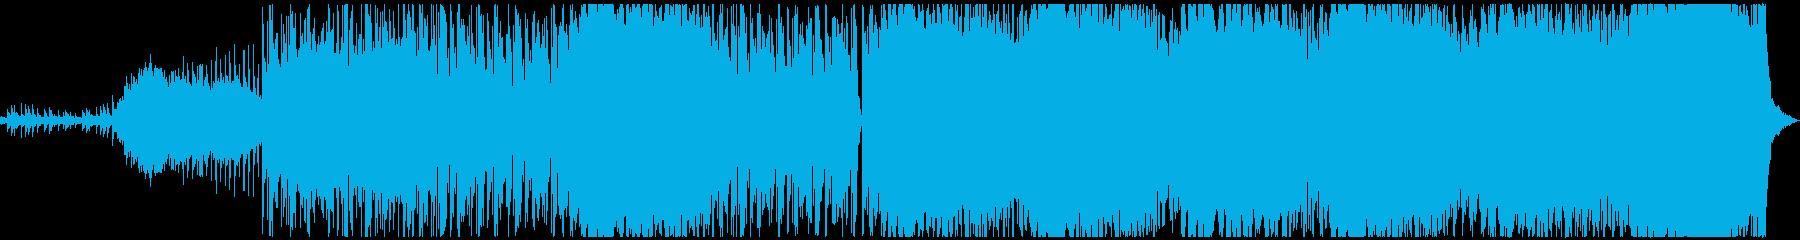 緊迫感あるコンピューターミュージックの再生済みの波形